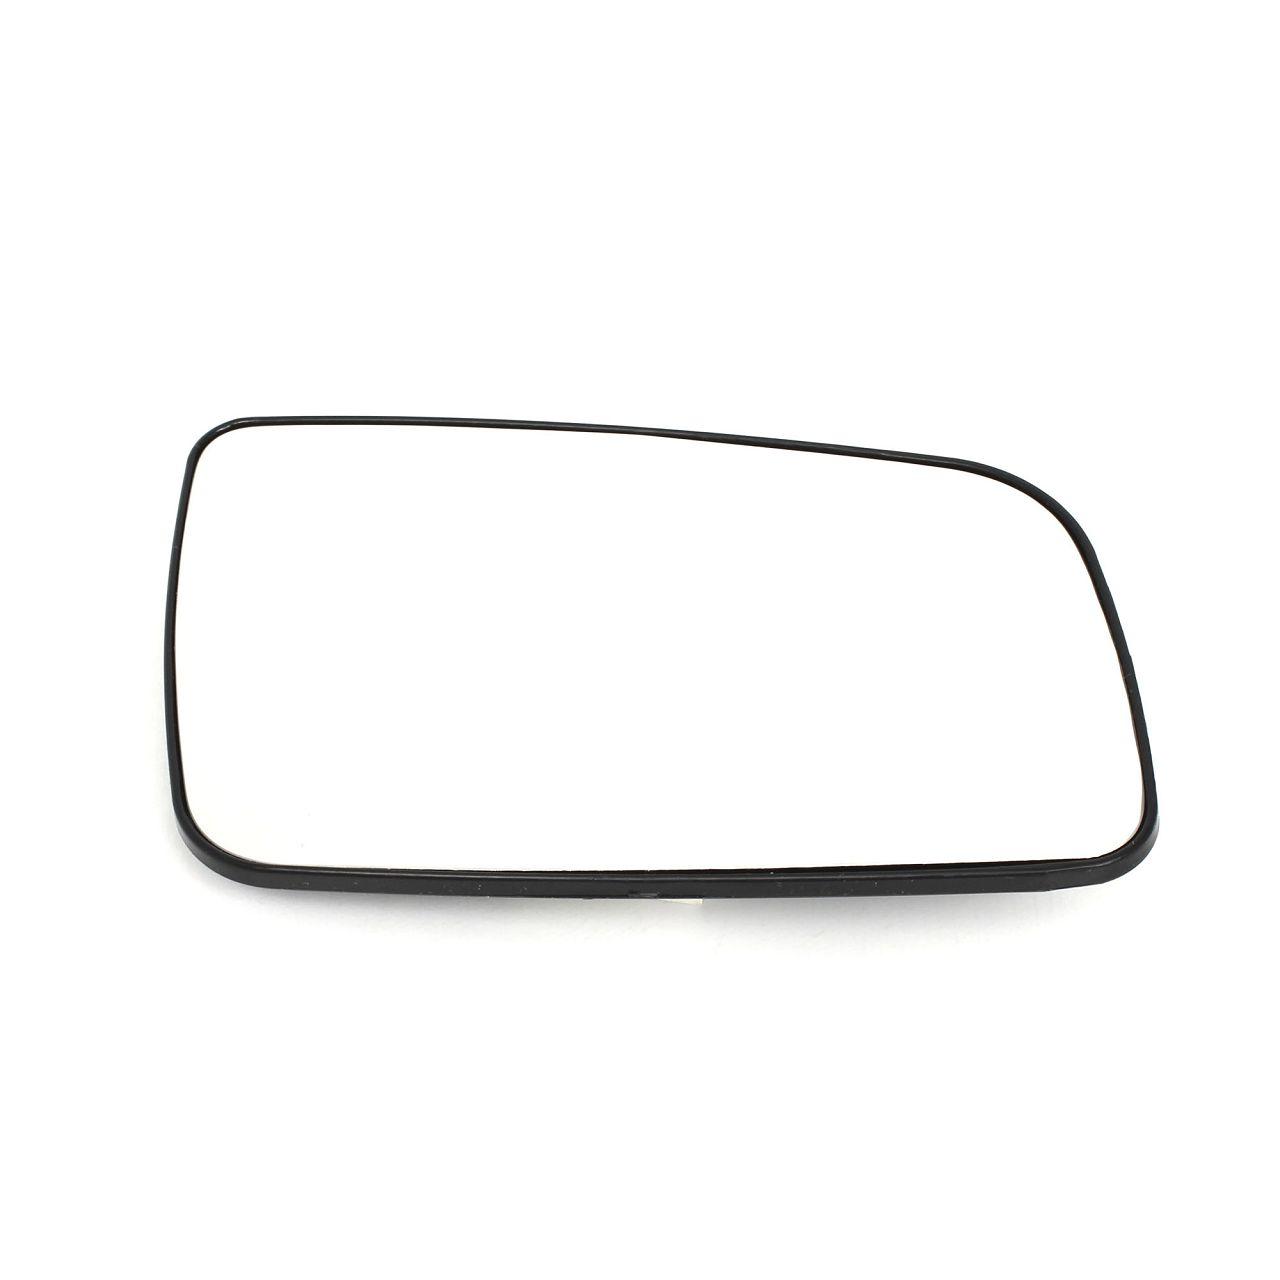 Außenspiegel Spiegelglas MANUELL für OPEL Astra G (nicht Coupe & Cabrio) rechts